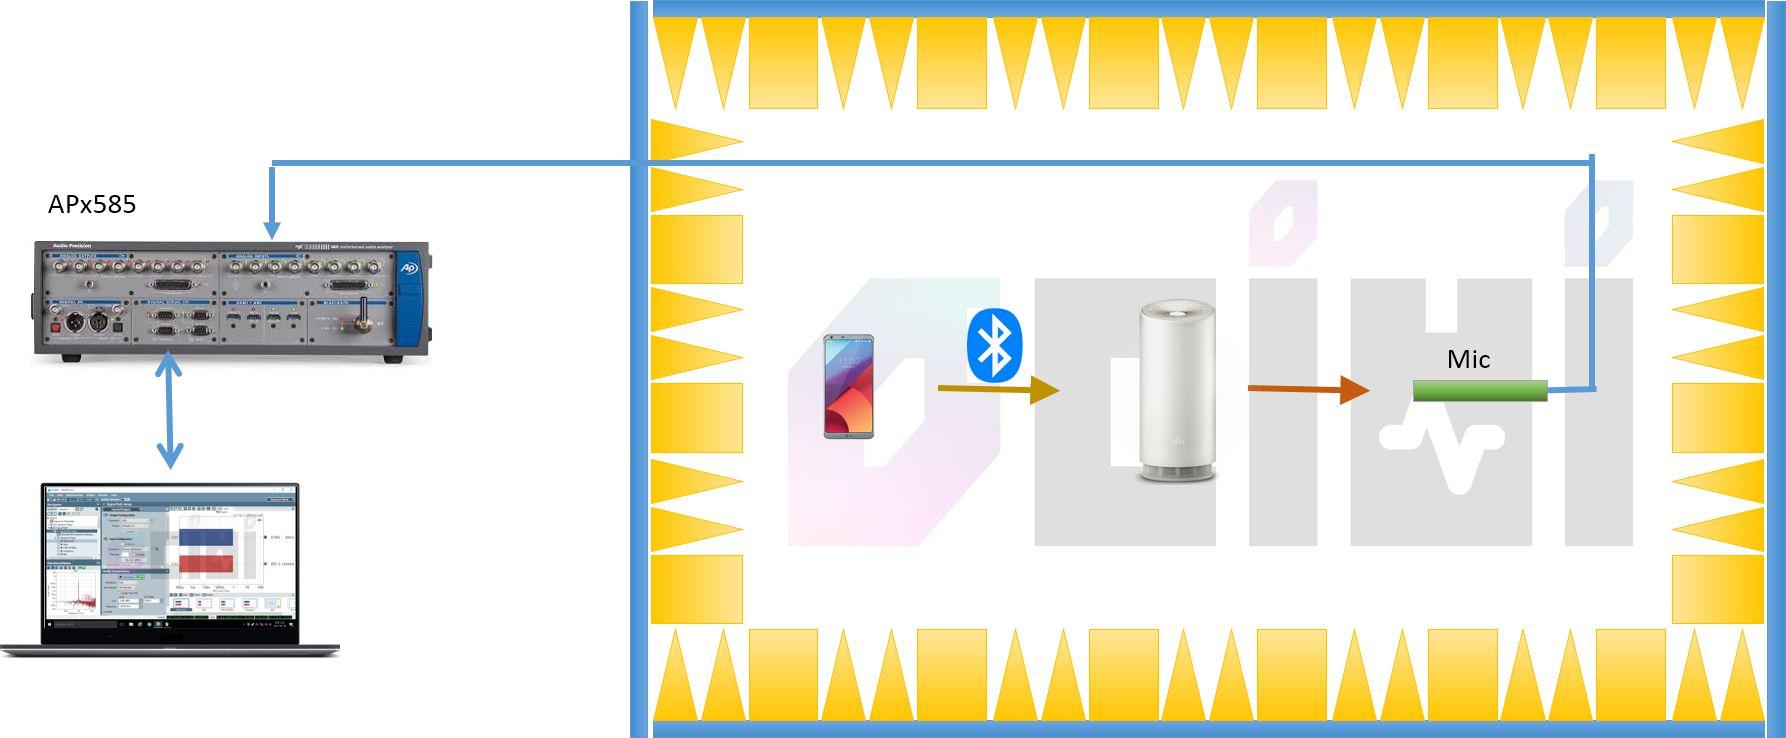 블루투스 오픈루프.jpg